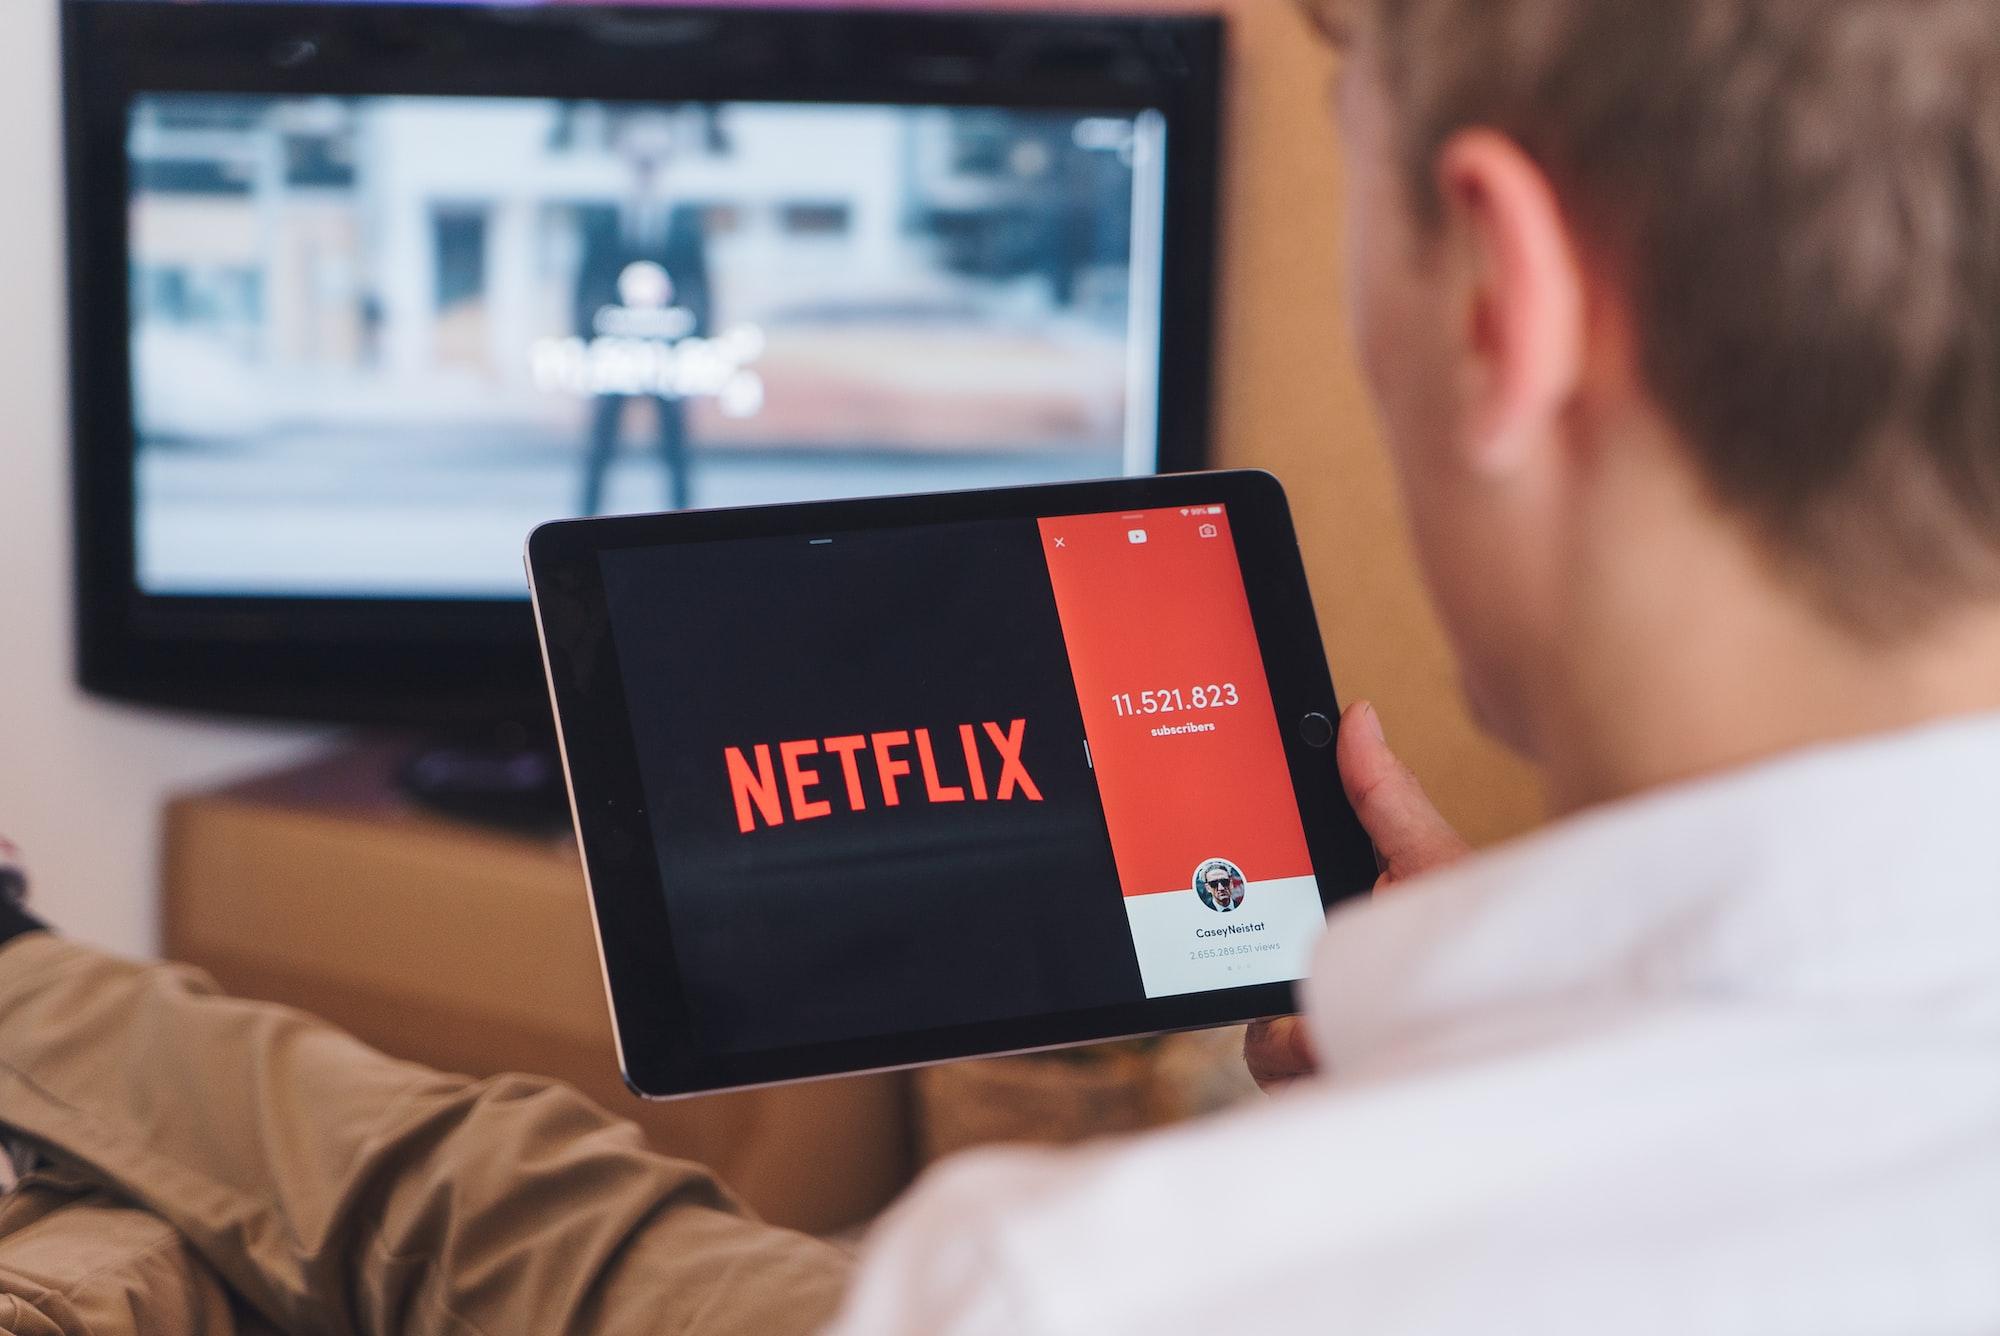 Netflix อาจเป็นบริษัทรายต่อไปที่จะลงทุนใน Bitcoin